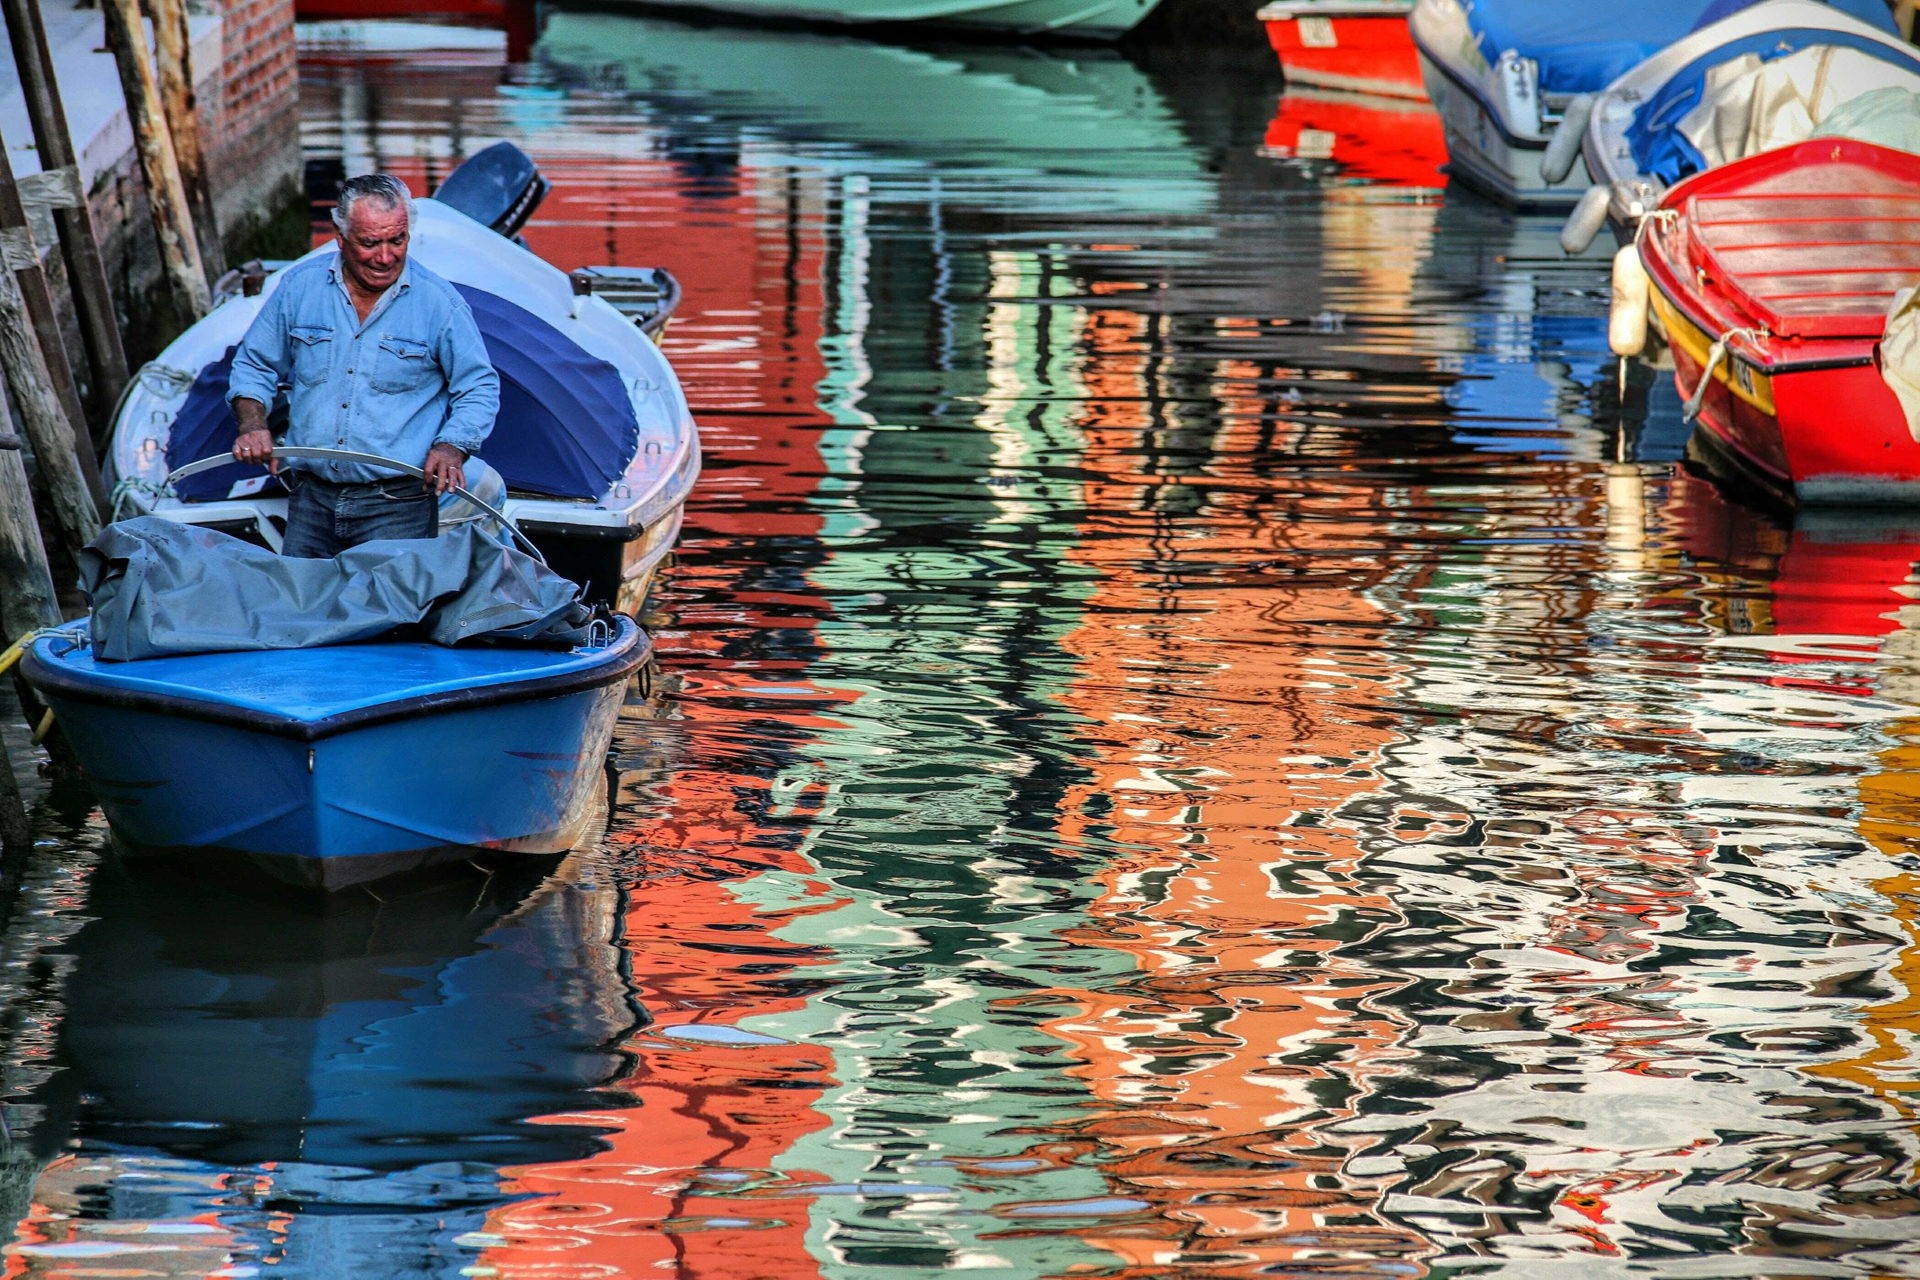 בוראנו - איטליה - בית בובות - יואל שתרוג - אדמה יוצרת - yoel situk